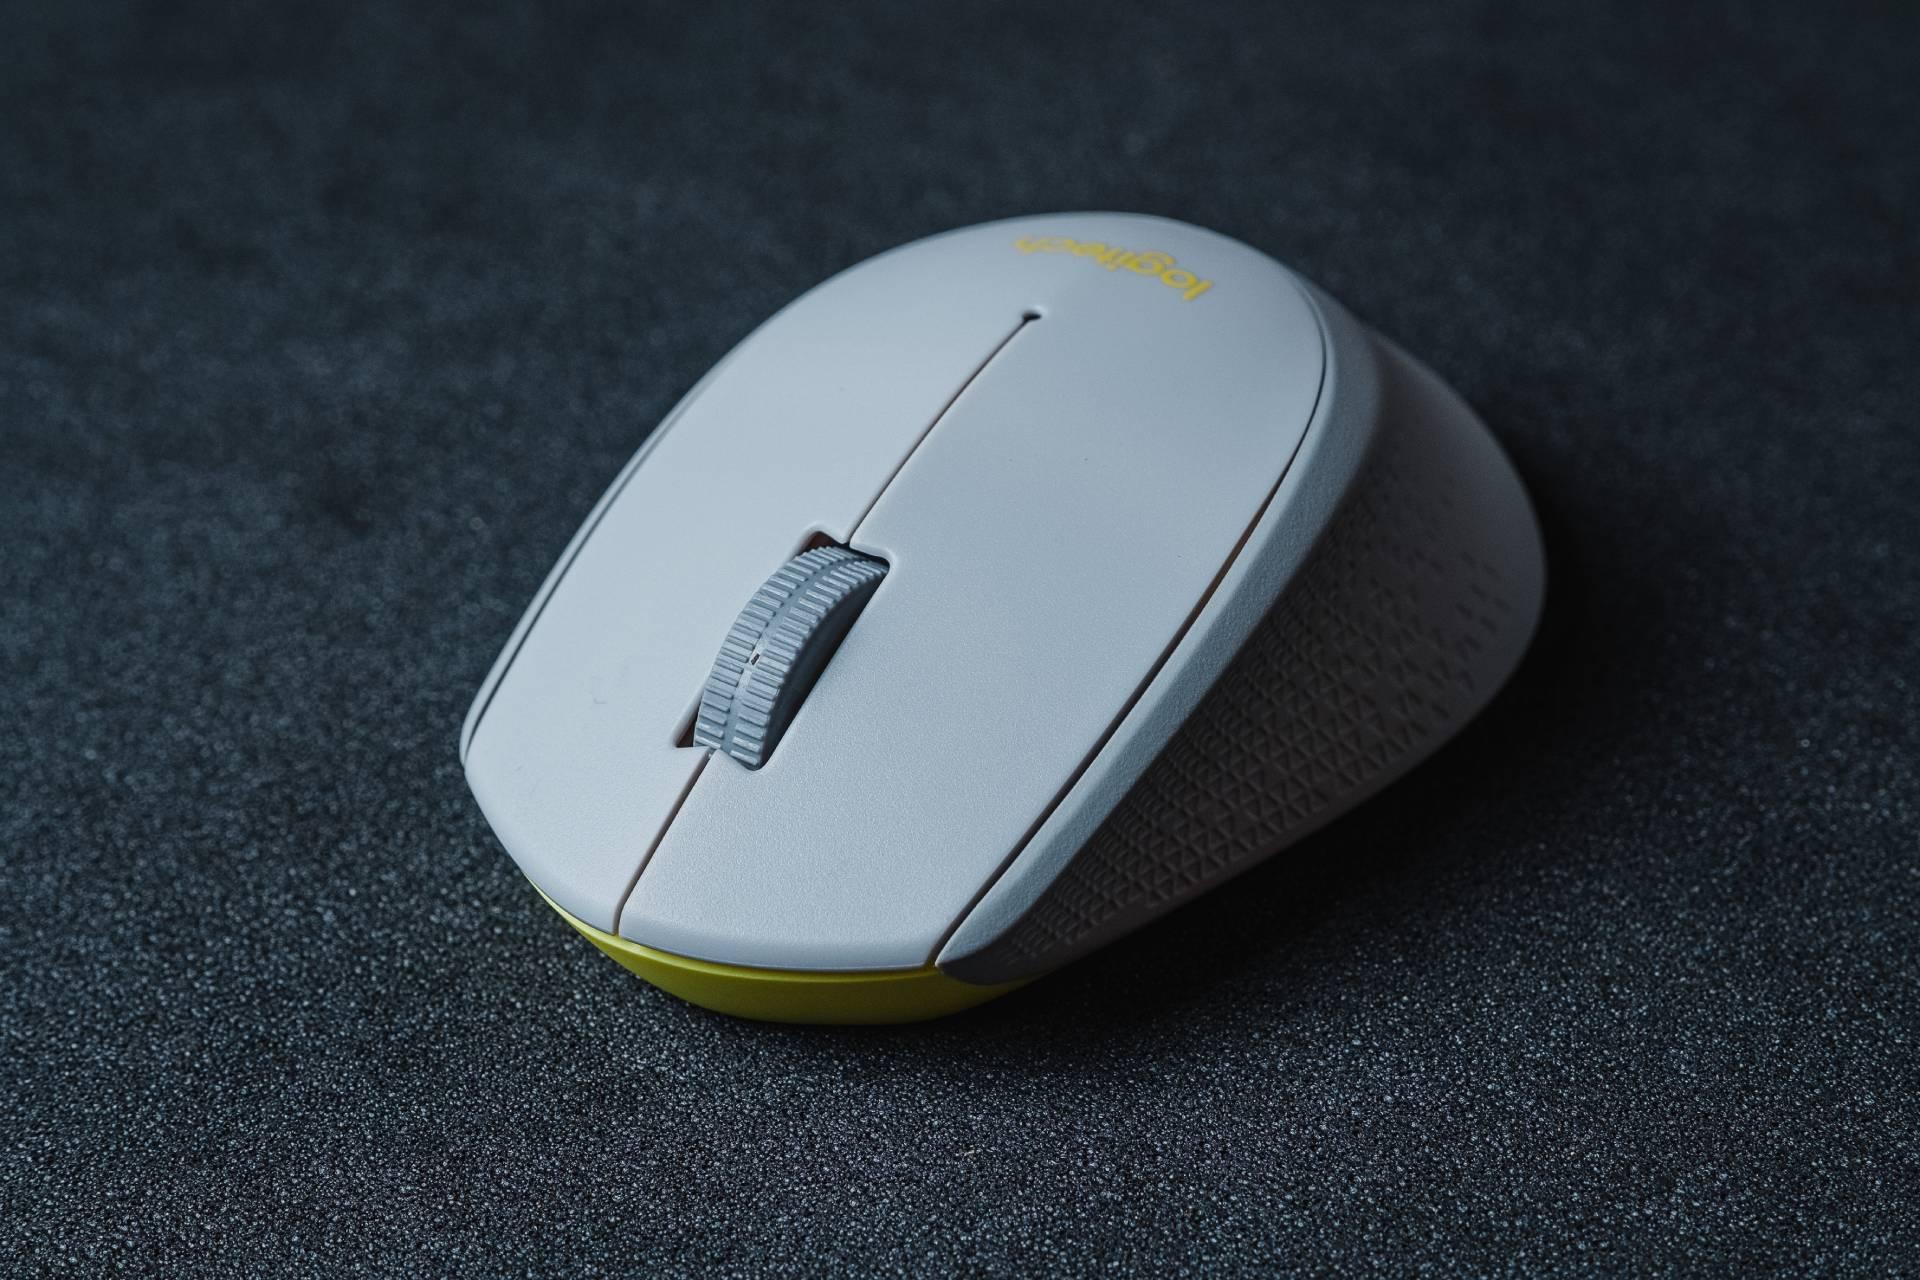 O mouse Logitech M280 não conta com botões extras, se atendo ao convencional